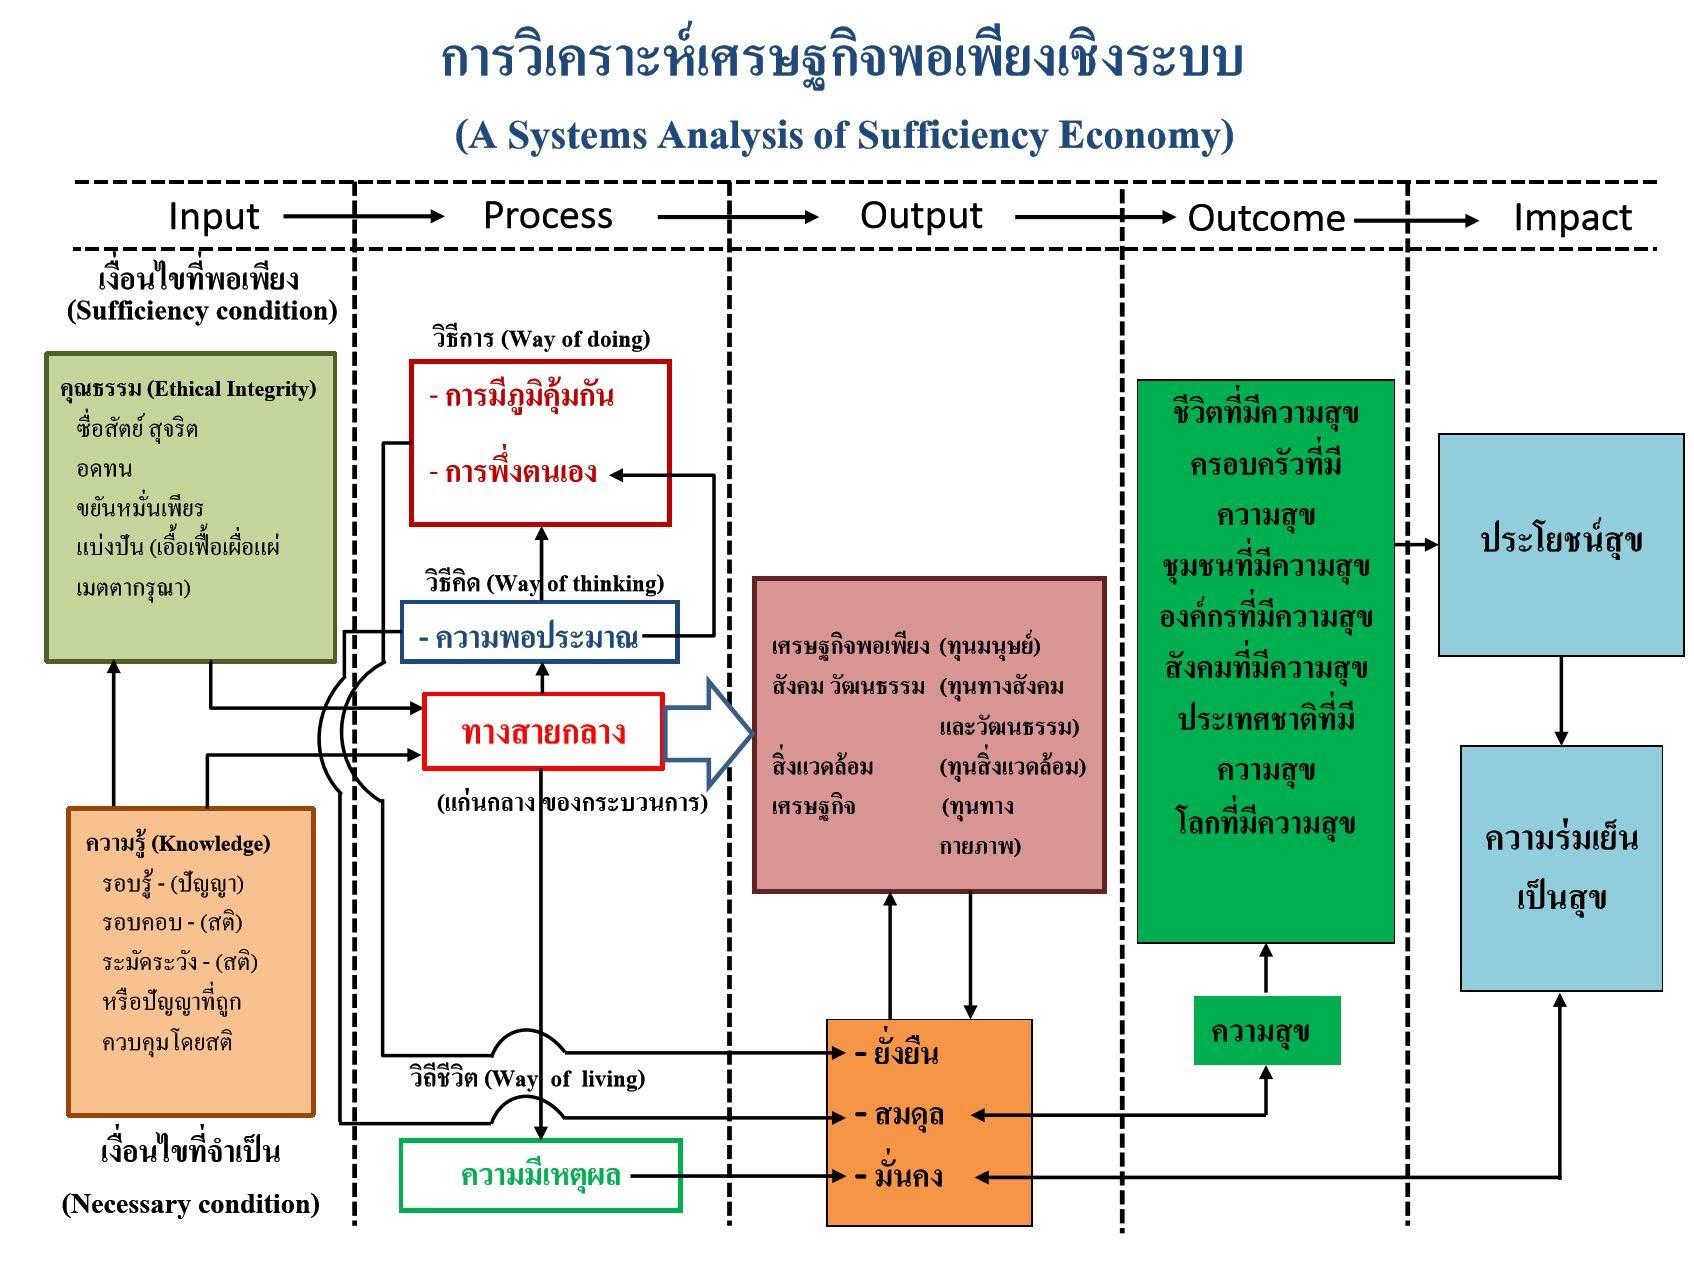 https://sites.google.com/a/hi-supervisory5.net/npt2/ngan-khorngkar-phises/rongreiyn-sersthkic-phx-pheiyng/66524912b.jpg?attredirects=0